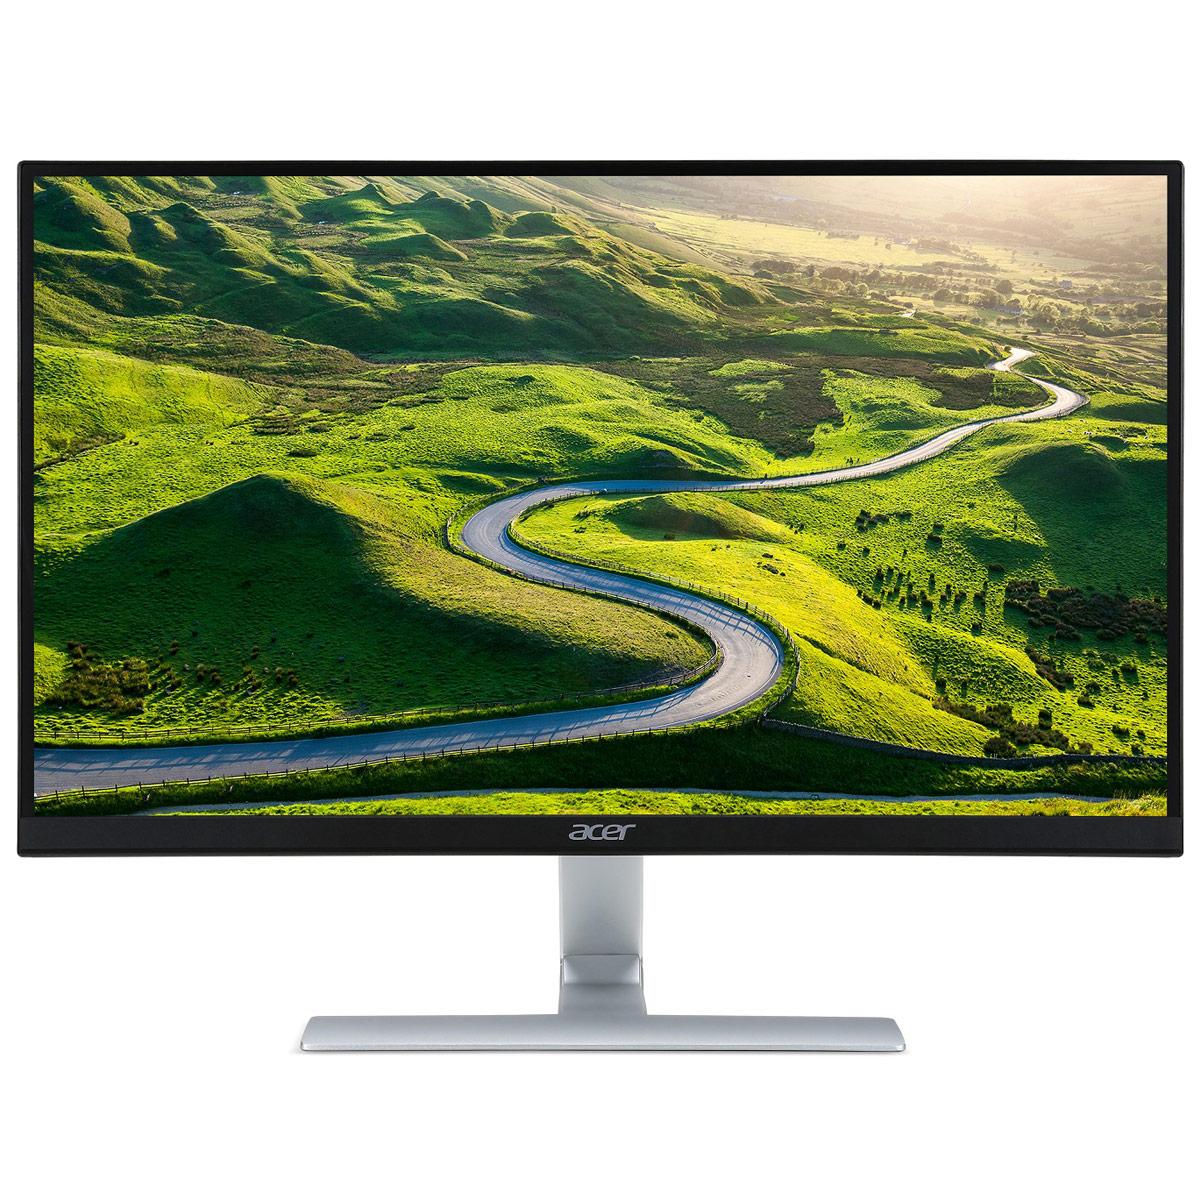 """Ecran PC Acer 27"""" LED - RT270bmid 1920 x 1080 pixels - 4 ms (gris à gris) - Format 16/9 - Dalle IPS - HDMI - Noir (Garantie constructeur 2 ans)"""